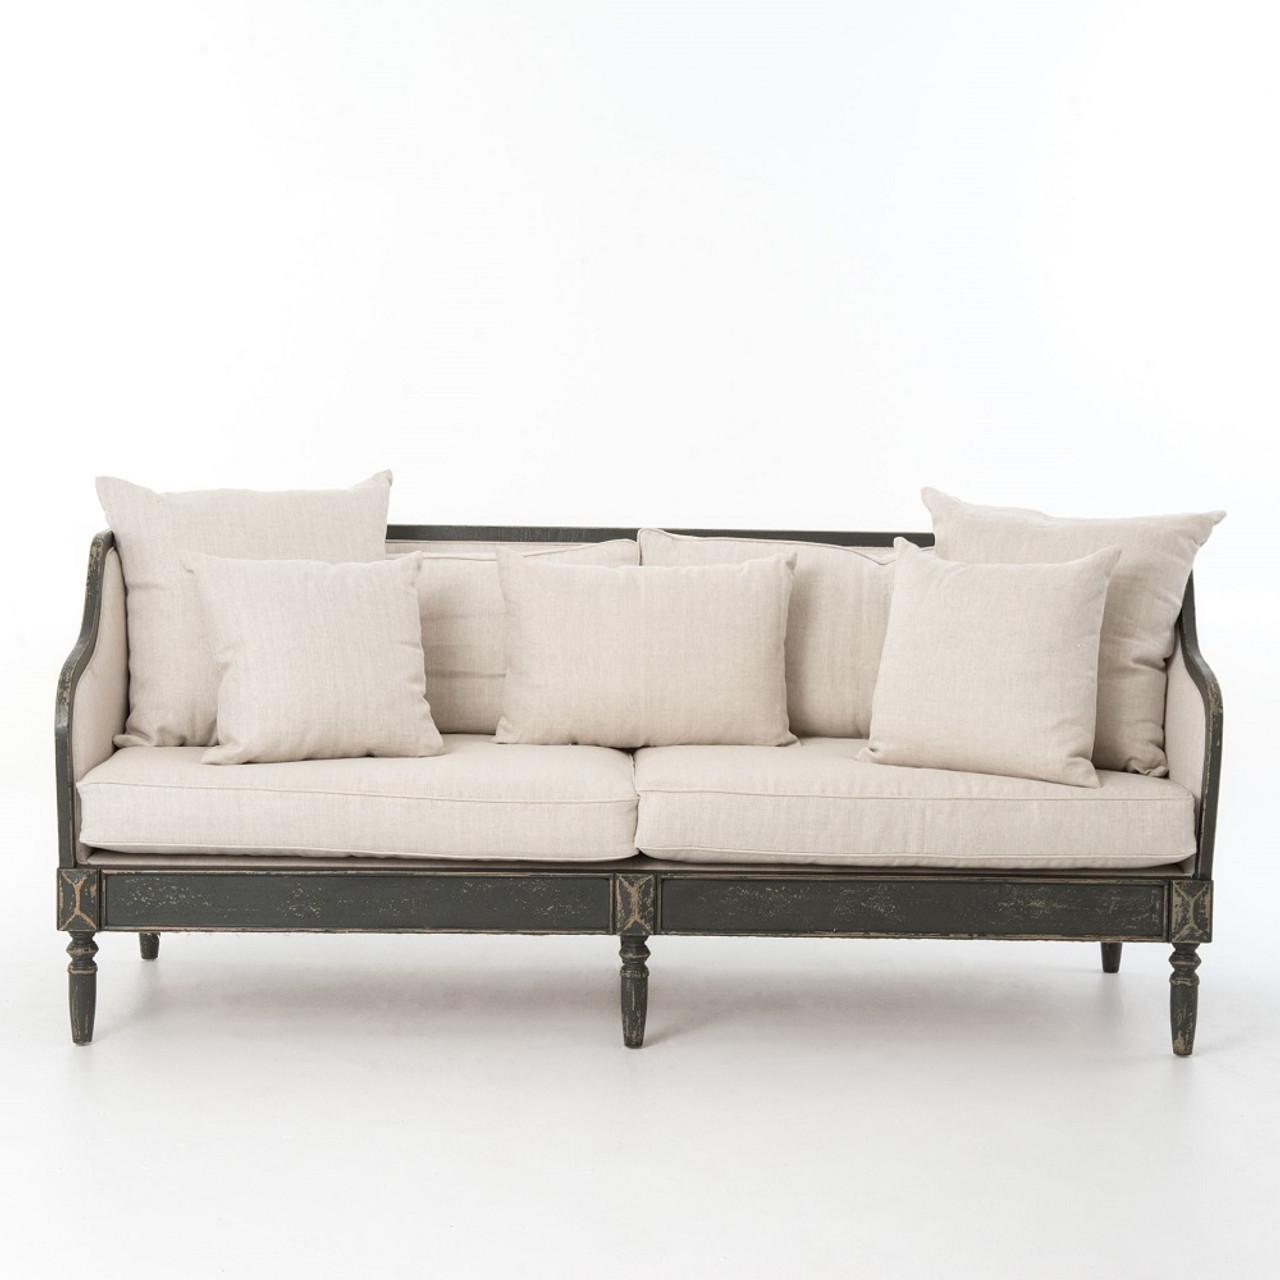 Van Thiel Baroness Josephina s Linen Upholstered Sofa